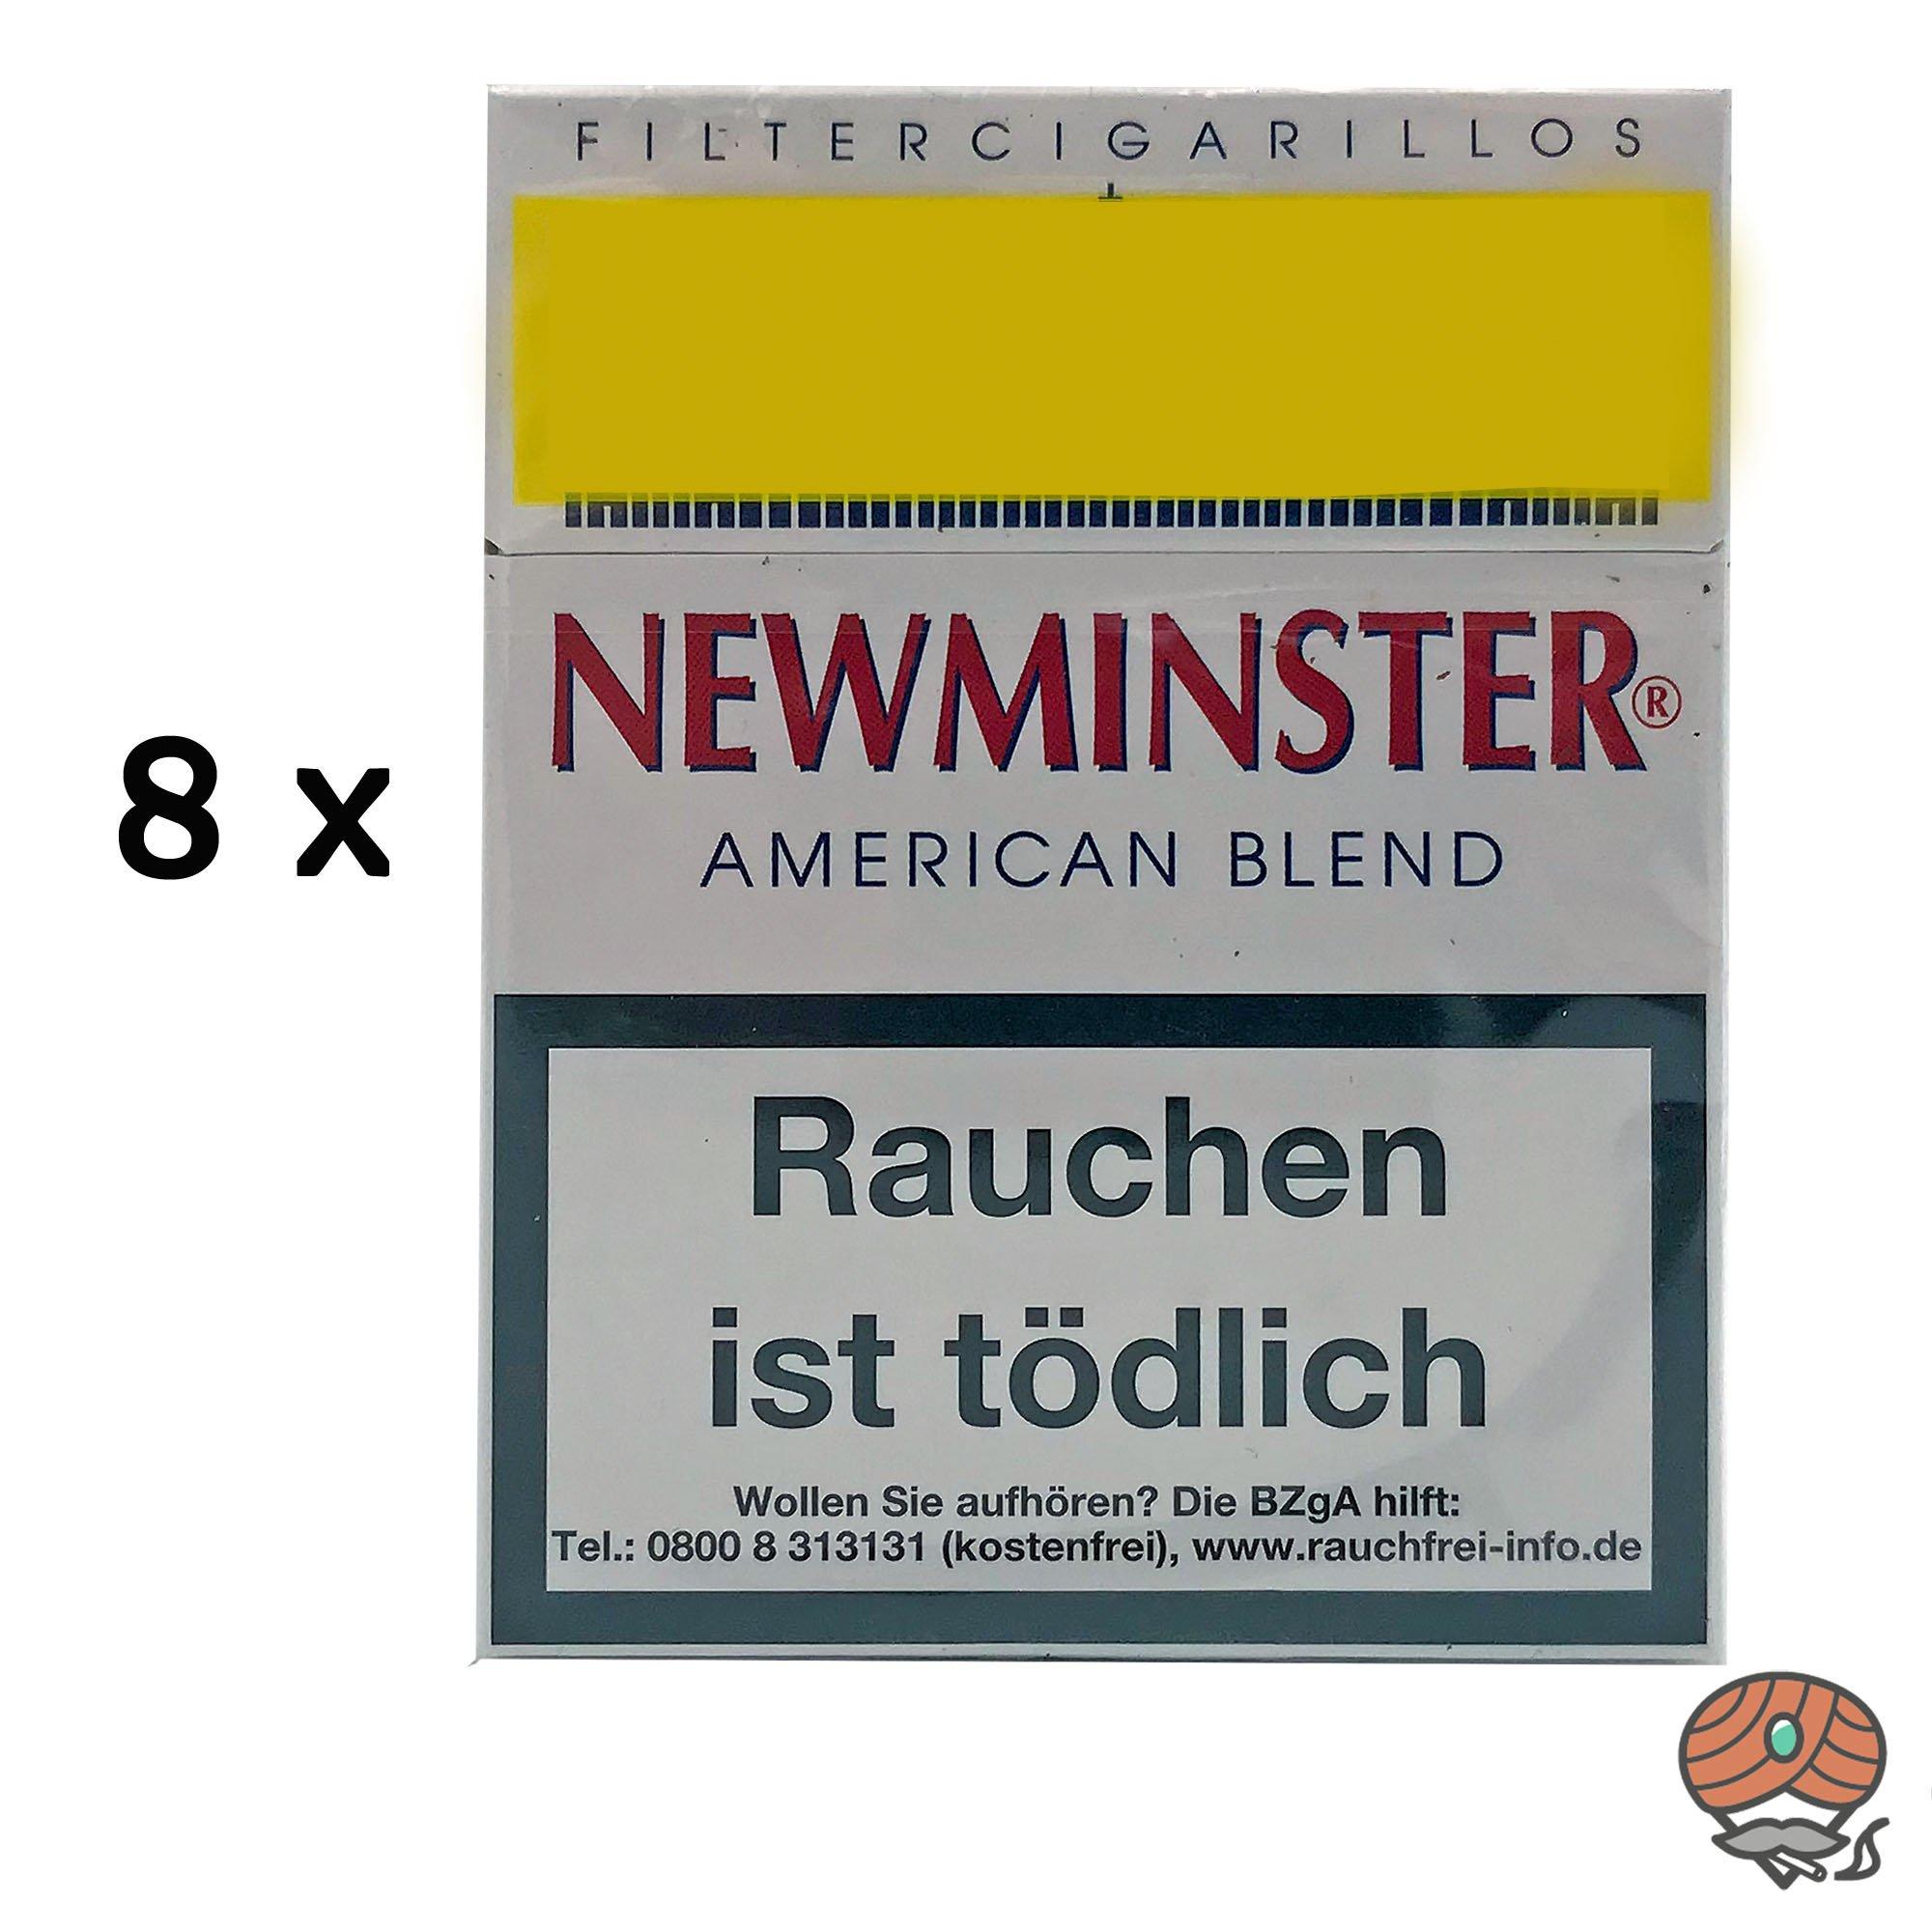 8 x Newminster American Blend Filterzigarillos a 23 Stück